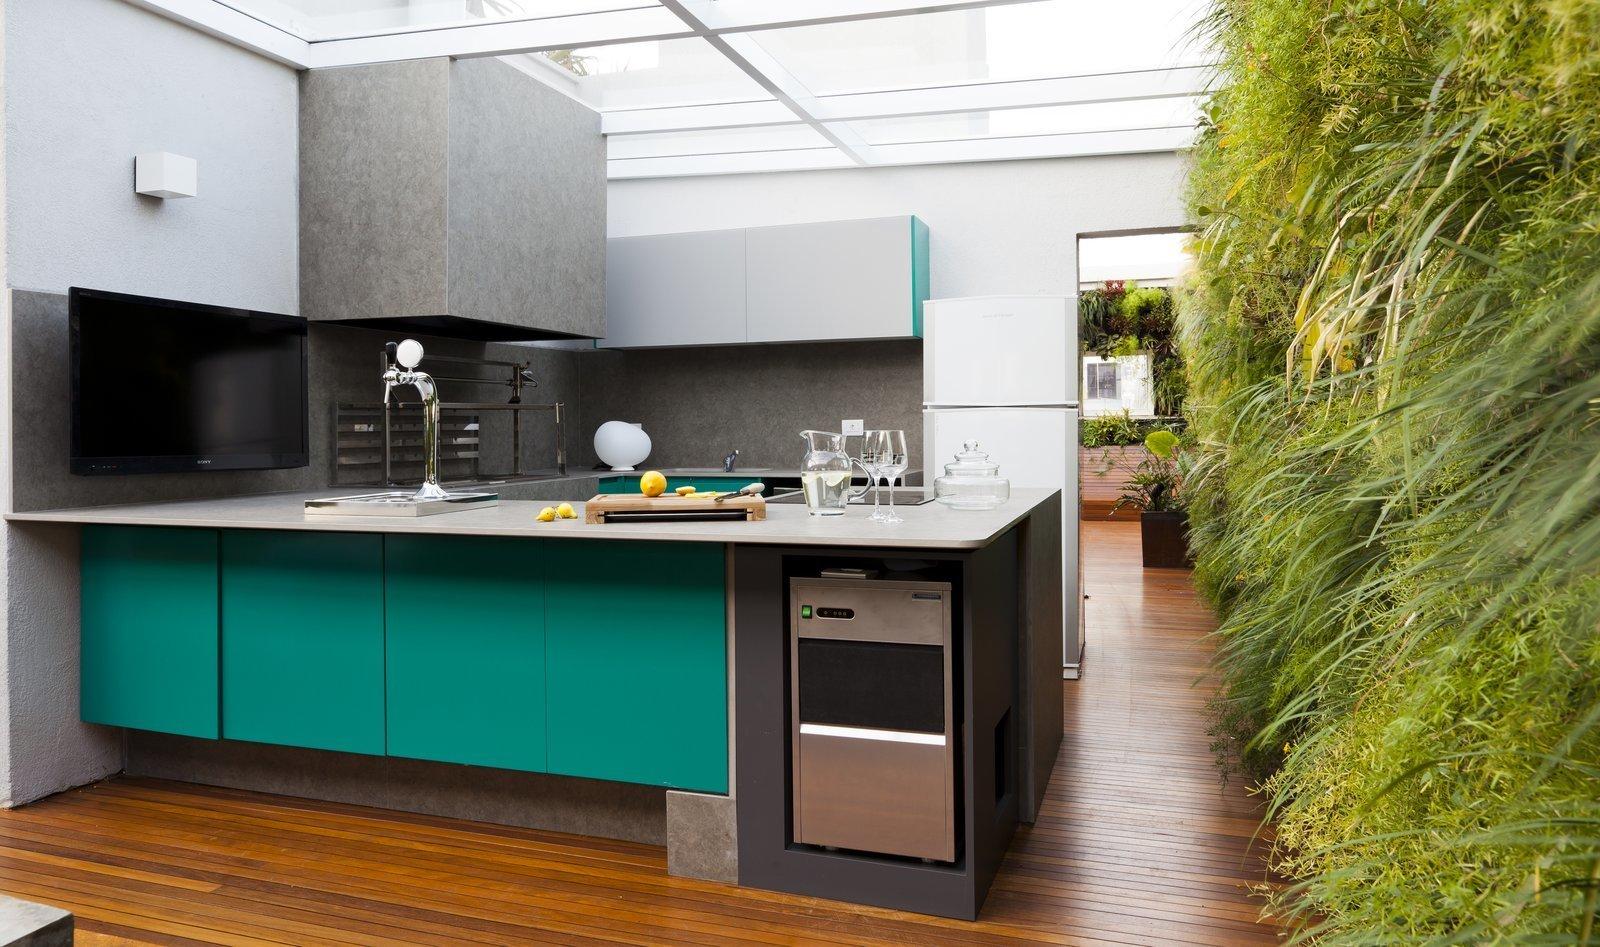 Living Green Walls Bring Jungle Vibes Into a Brazilian Apartment